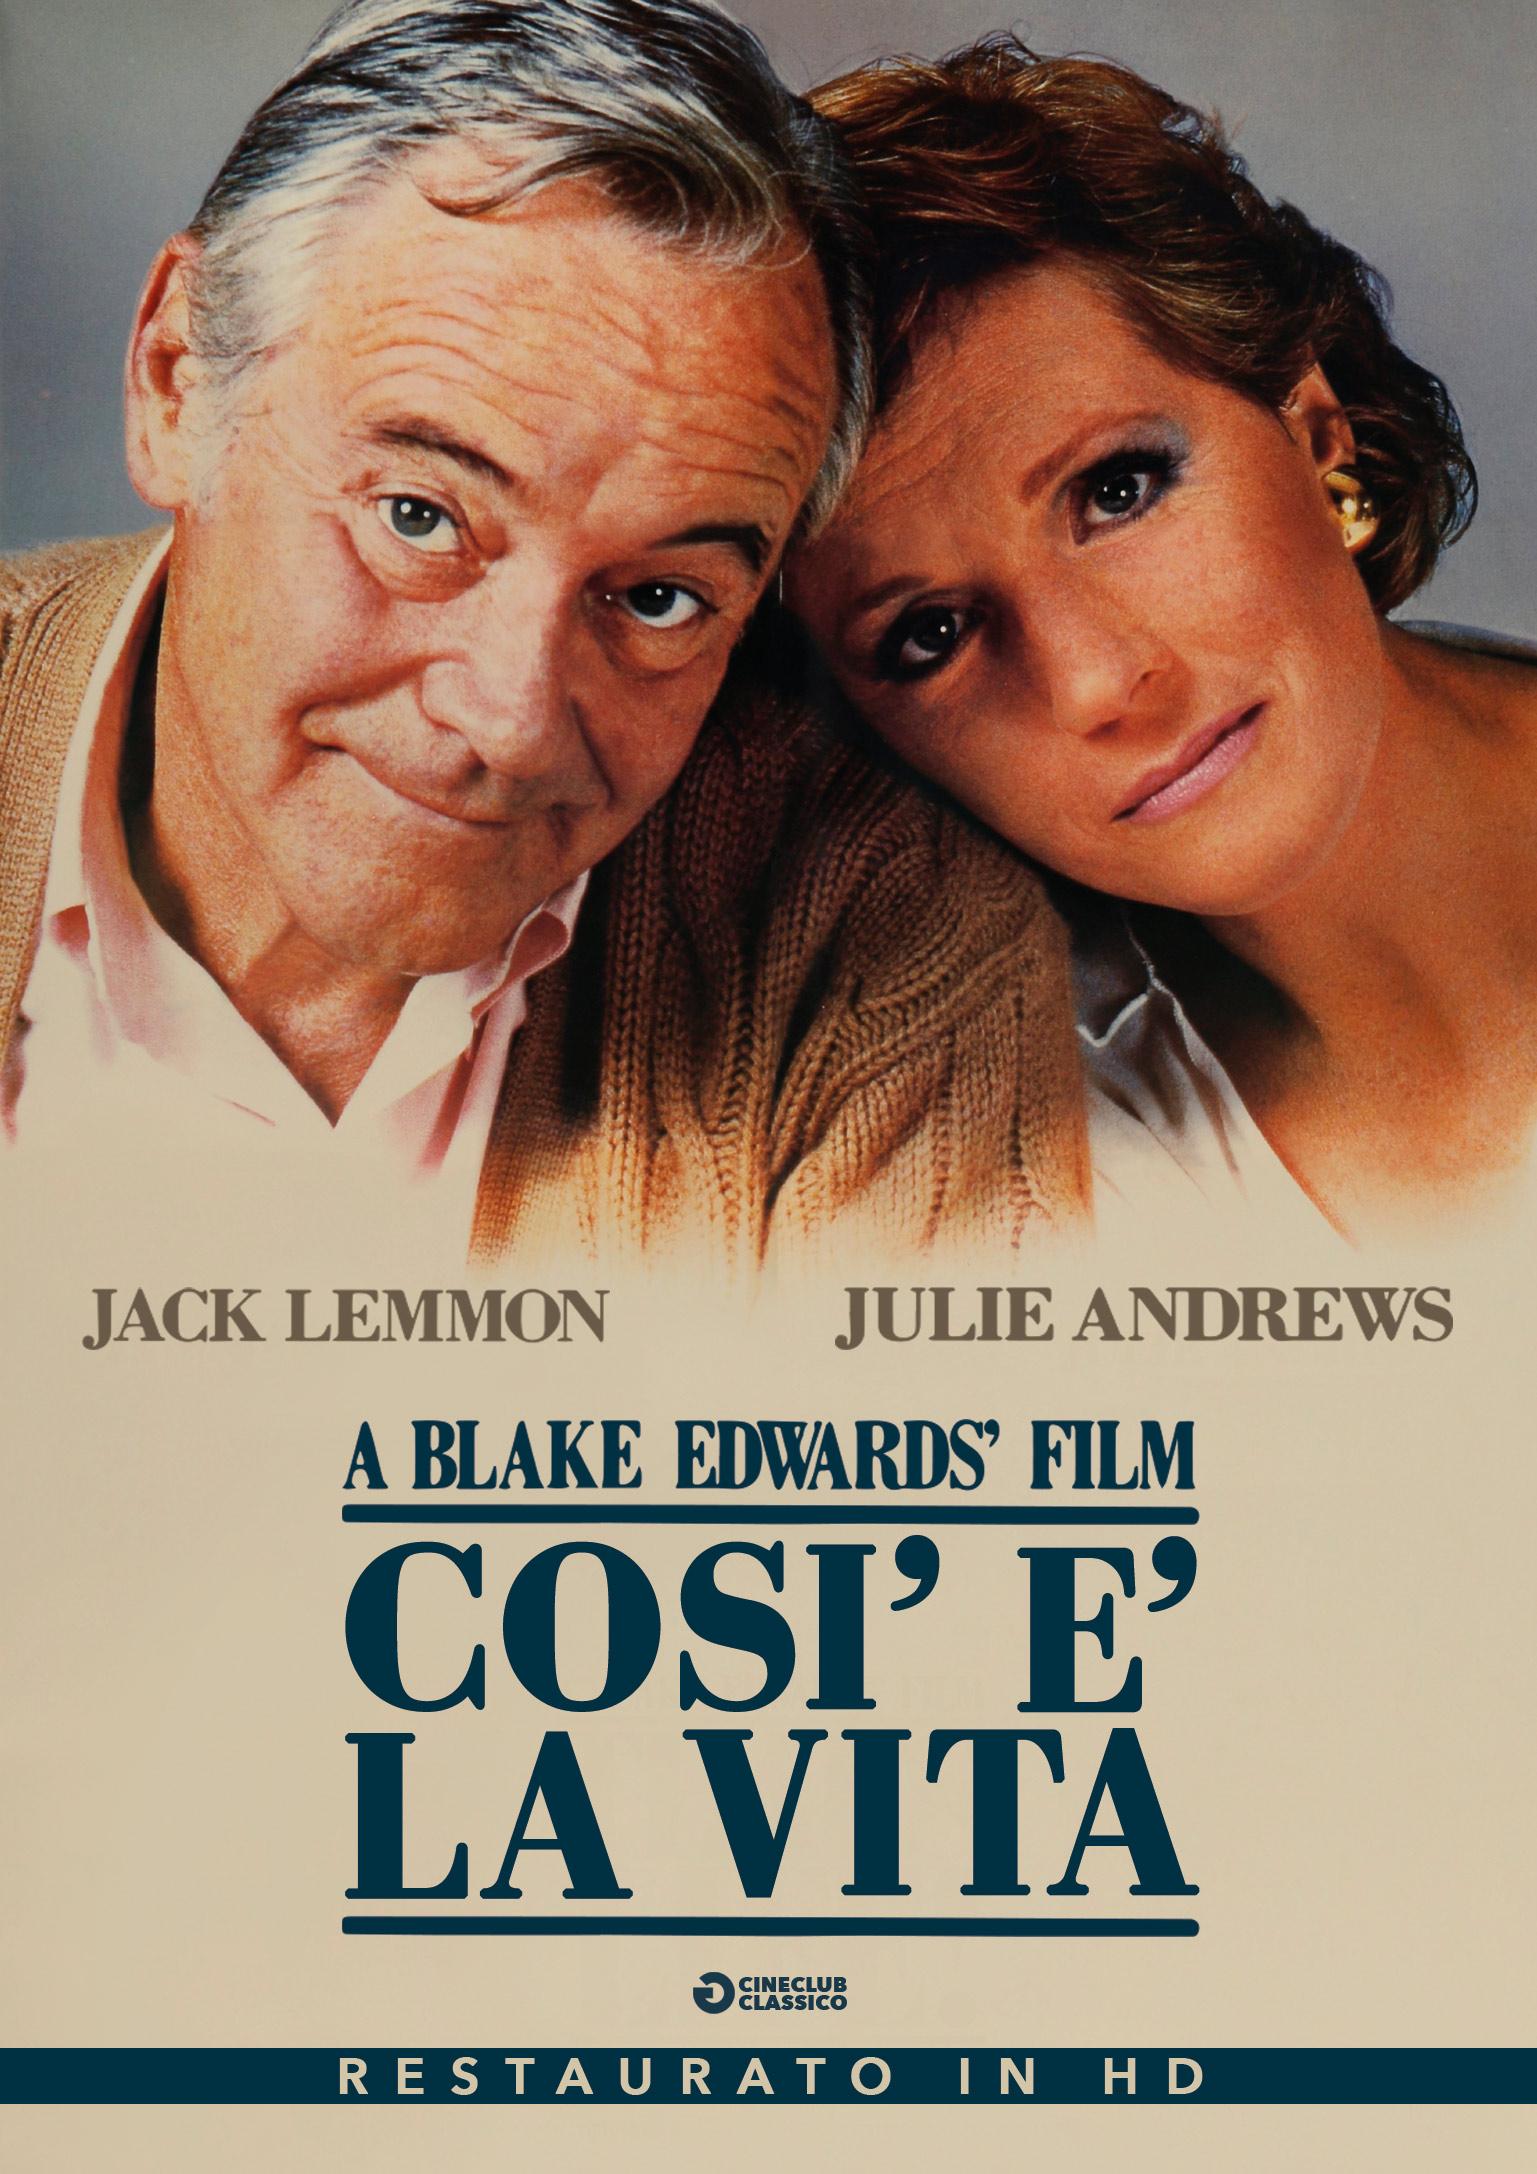 COSI' E' LA VITA (RESTAURATO IN HD) (DVD)